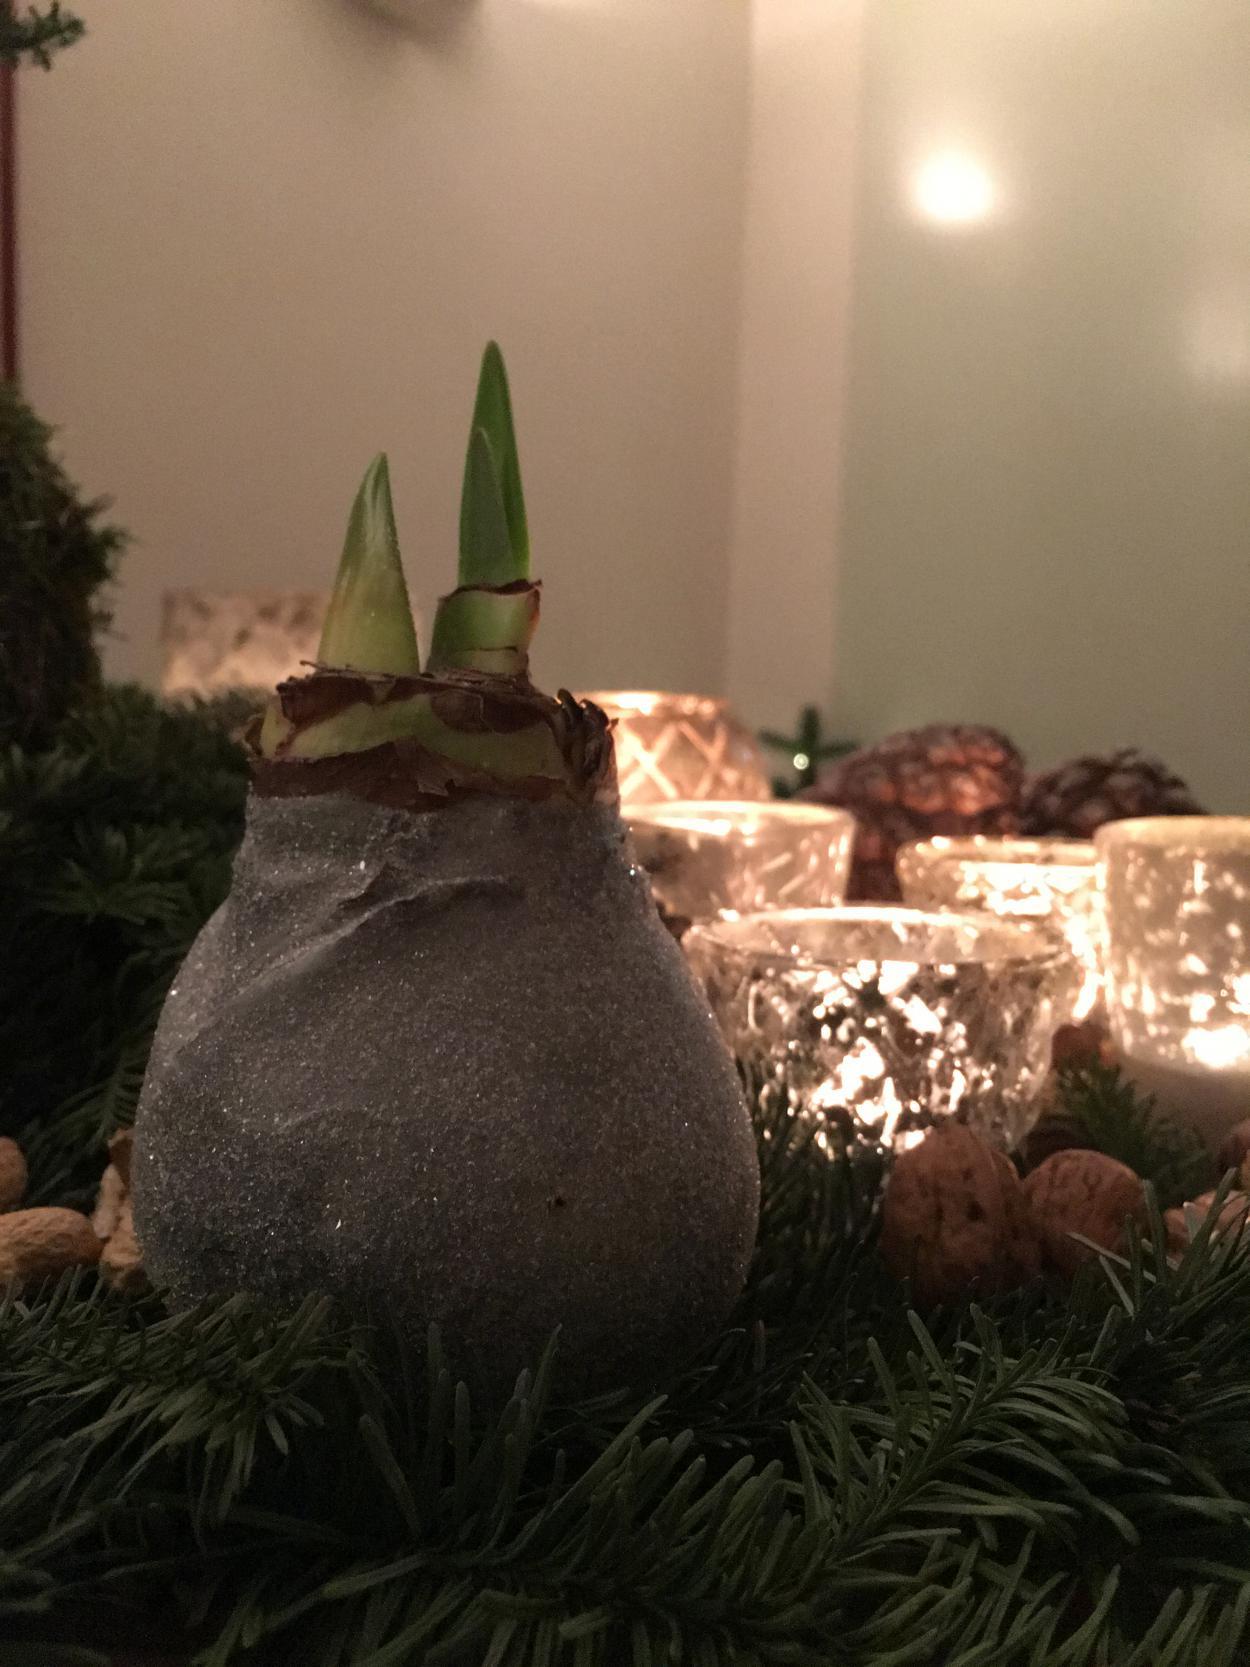 Gewachste Amarillis, Adventsteller, Kerzenschein, Weihnachten, Advent, Gemütlichkeit